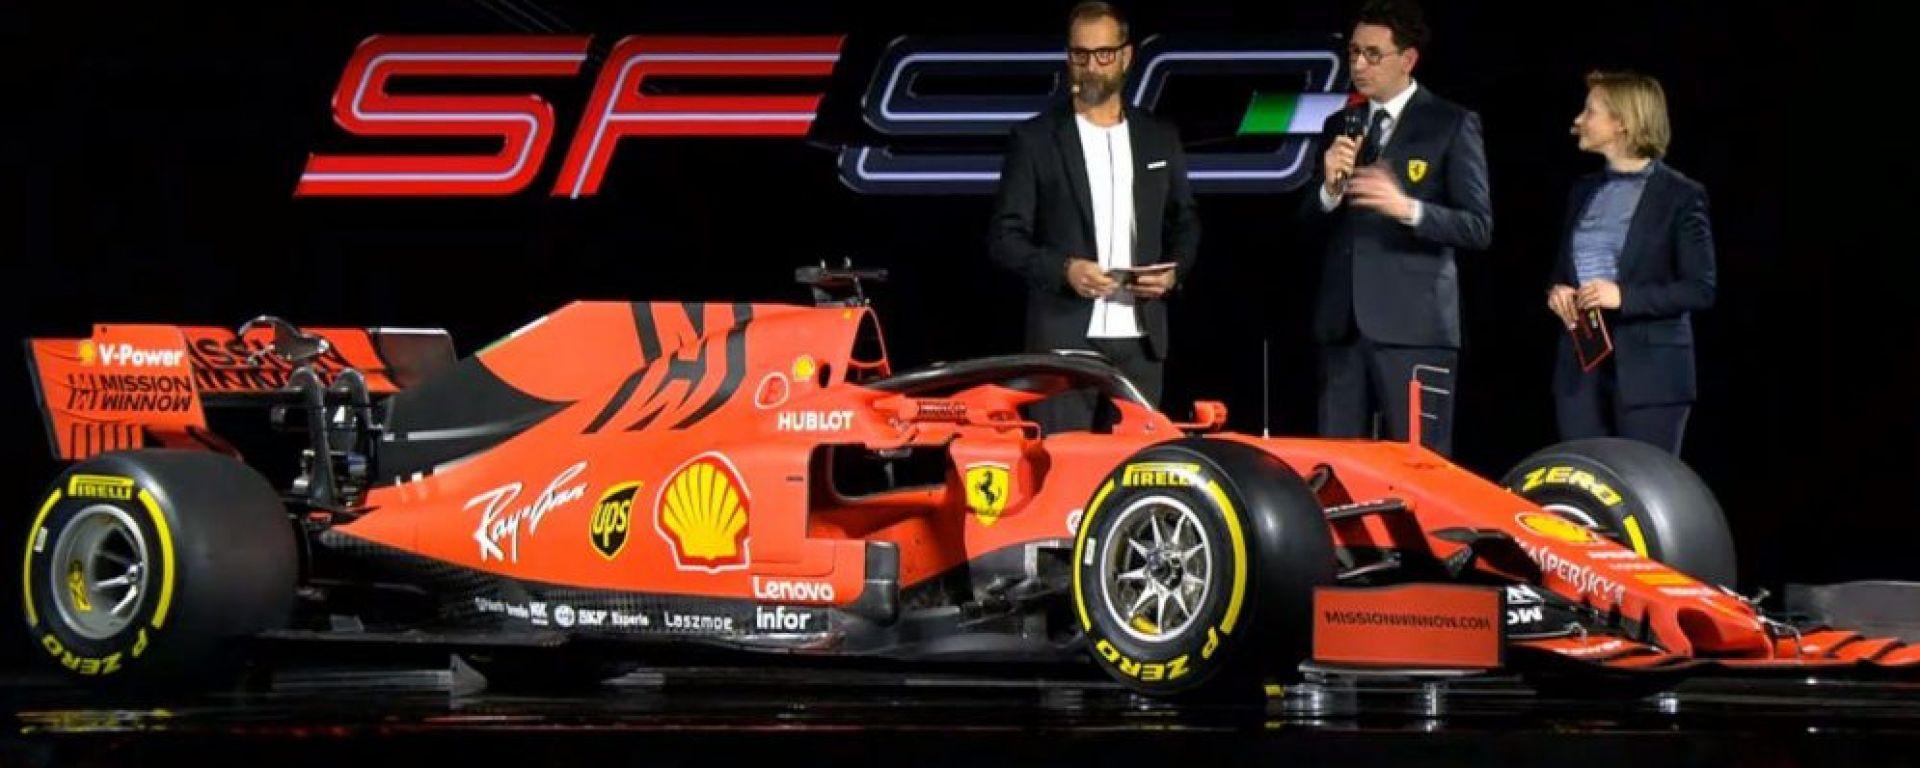 Ferrari e Codacons, è scontro: la SF90 a rischio sequestro?